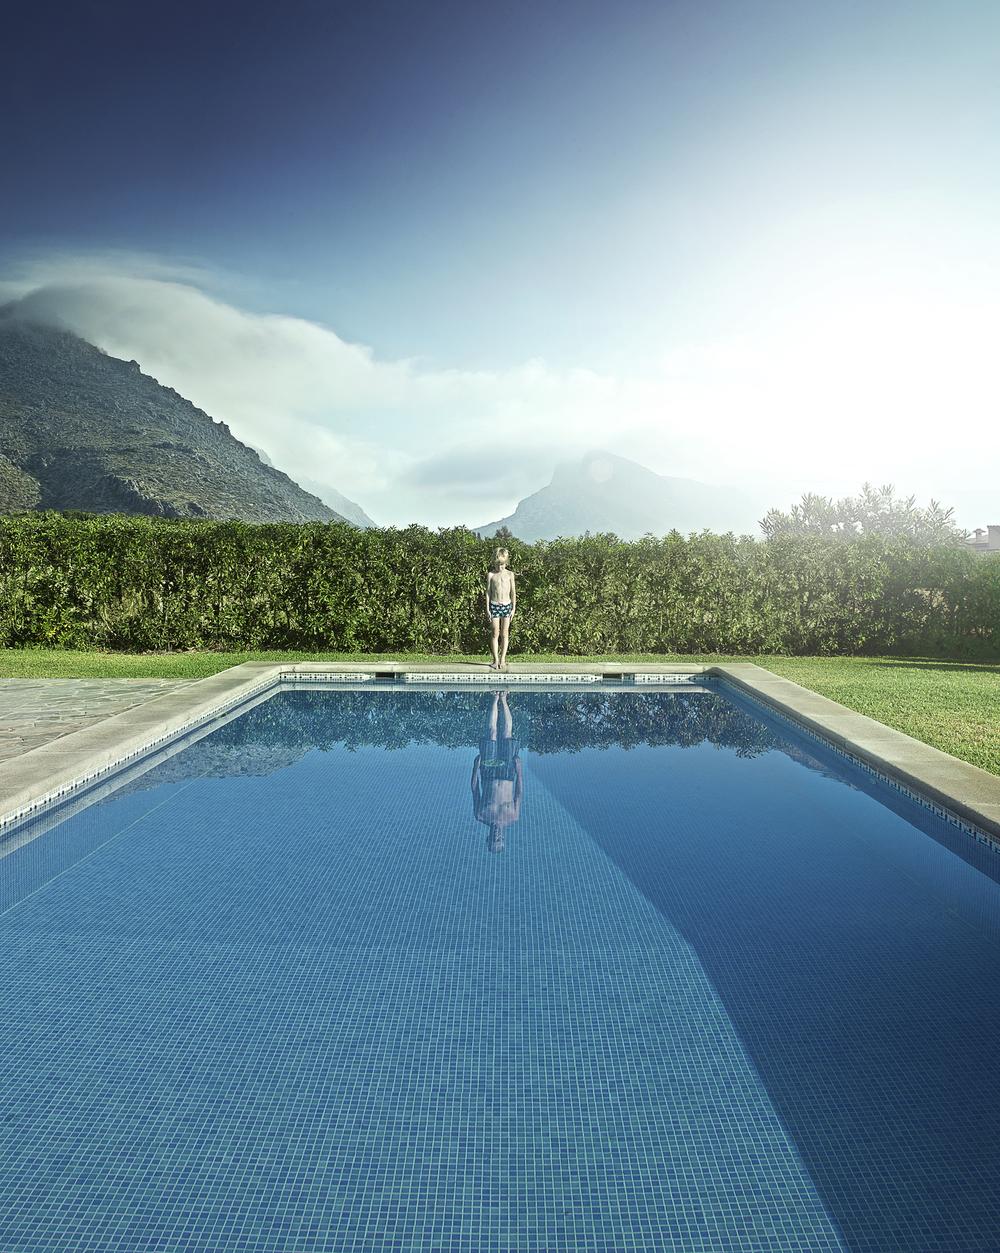 Cooper Pool 1 Resize.jpg